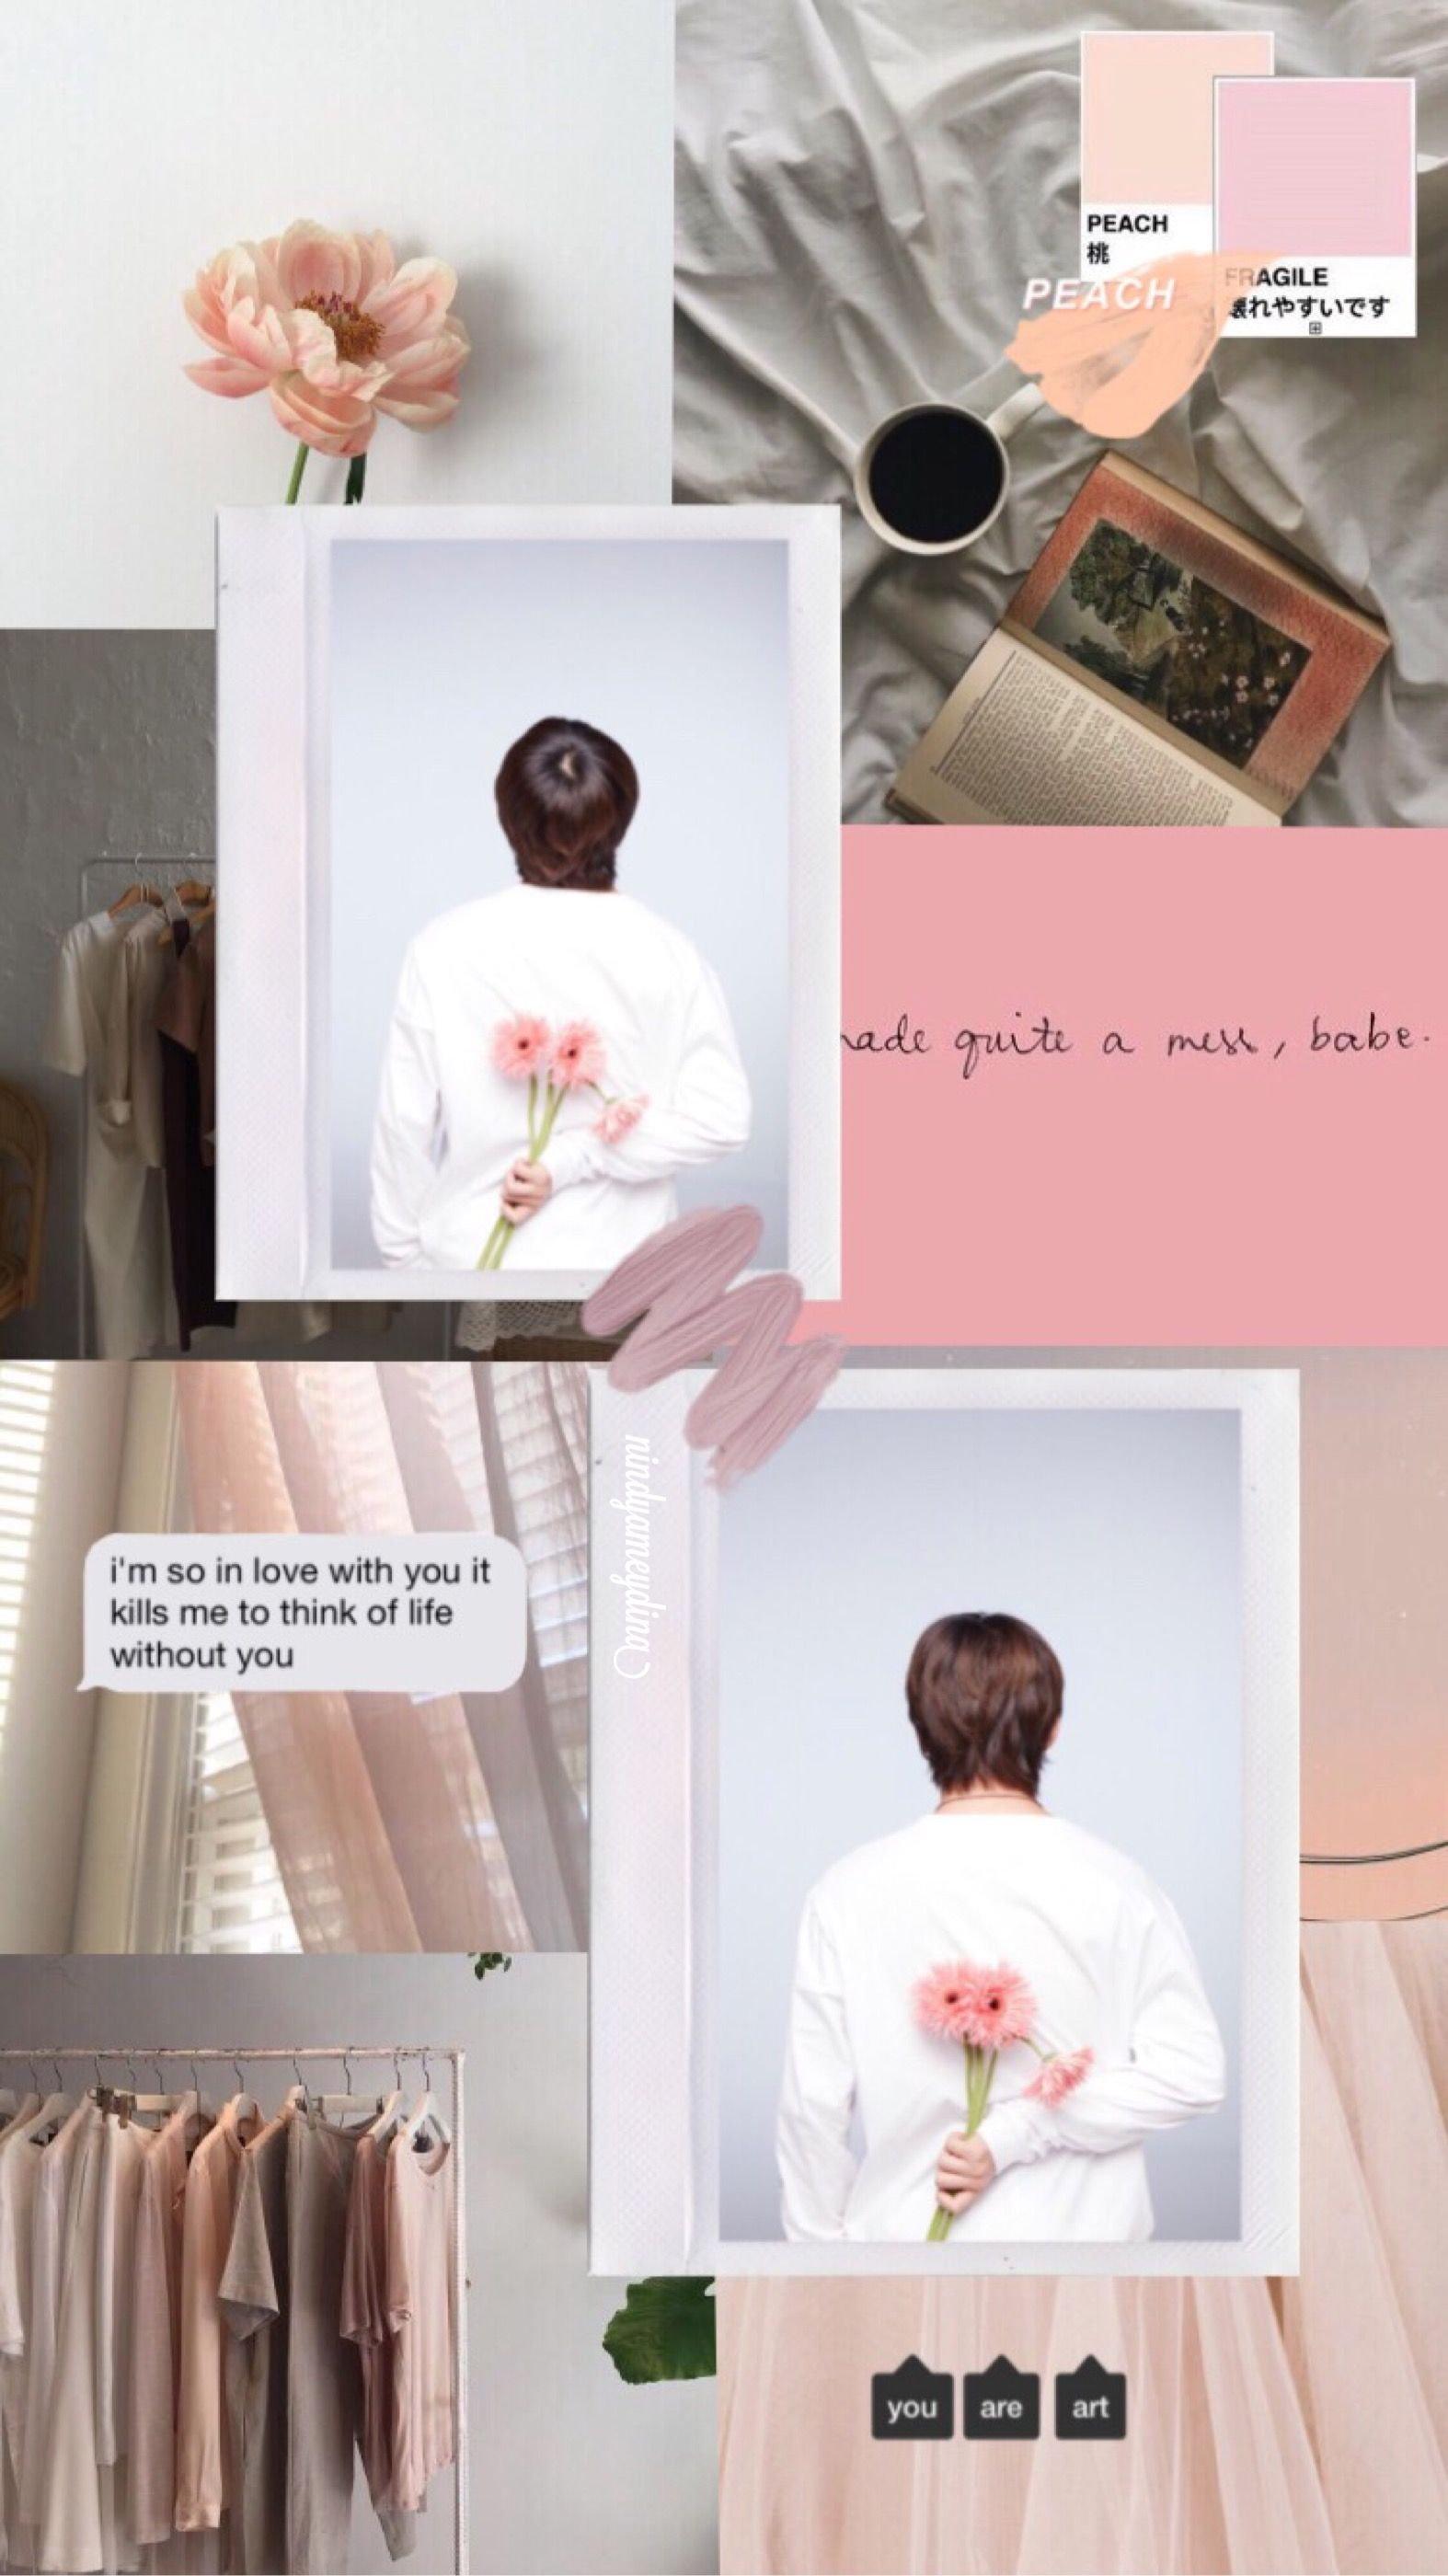 Lockscreen Aesthetic Taehyung V Bts Peachy Dengan Gambar